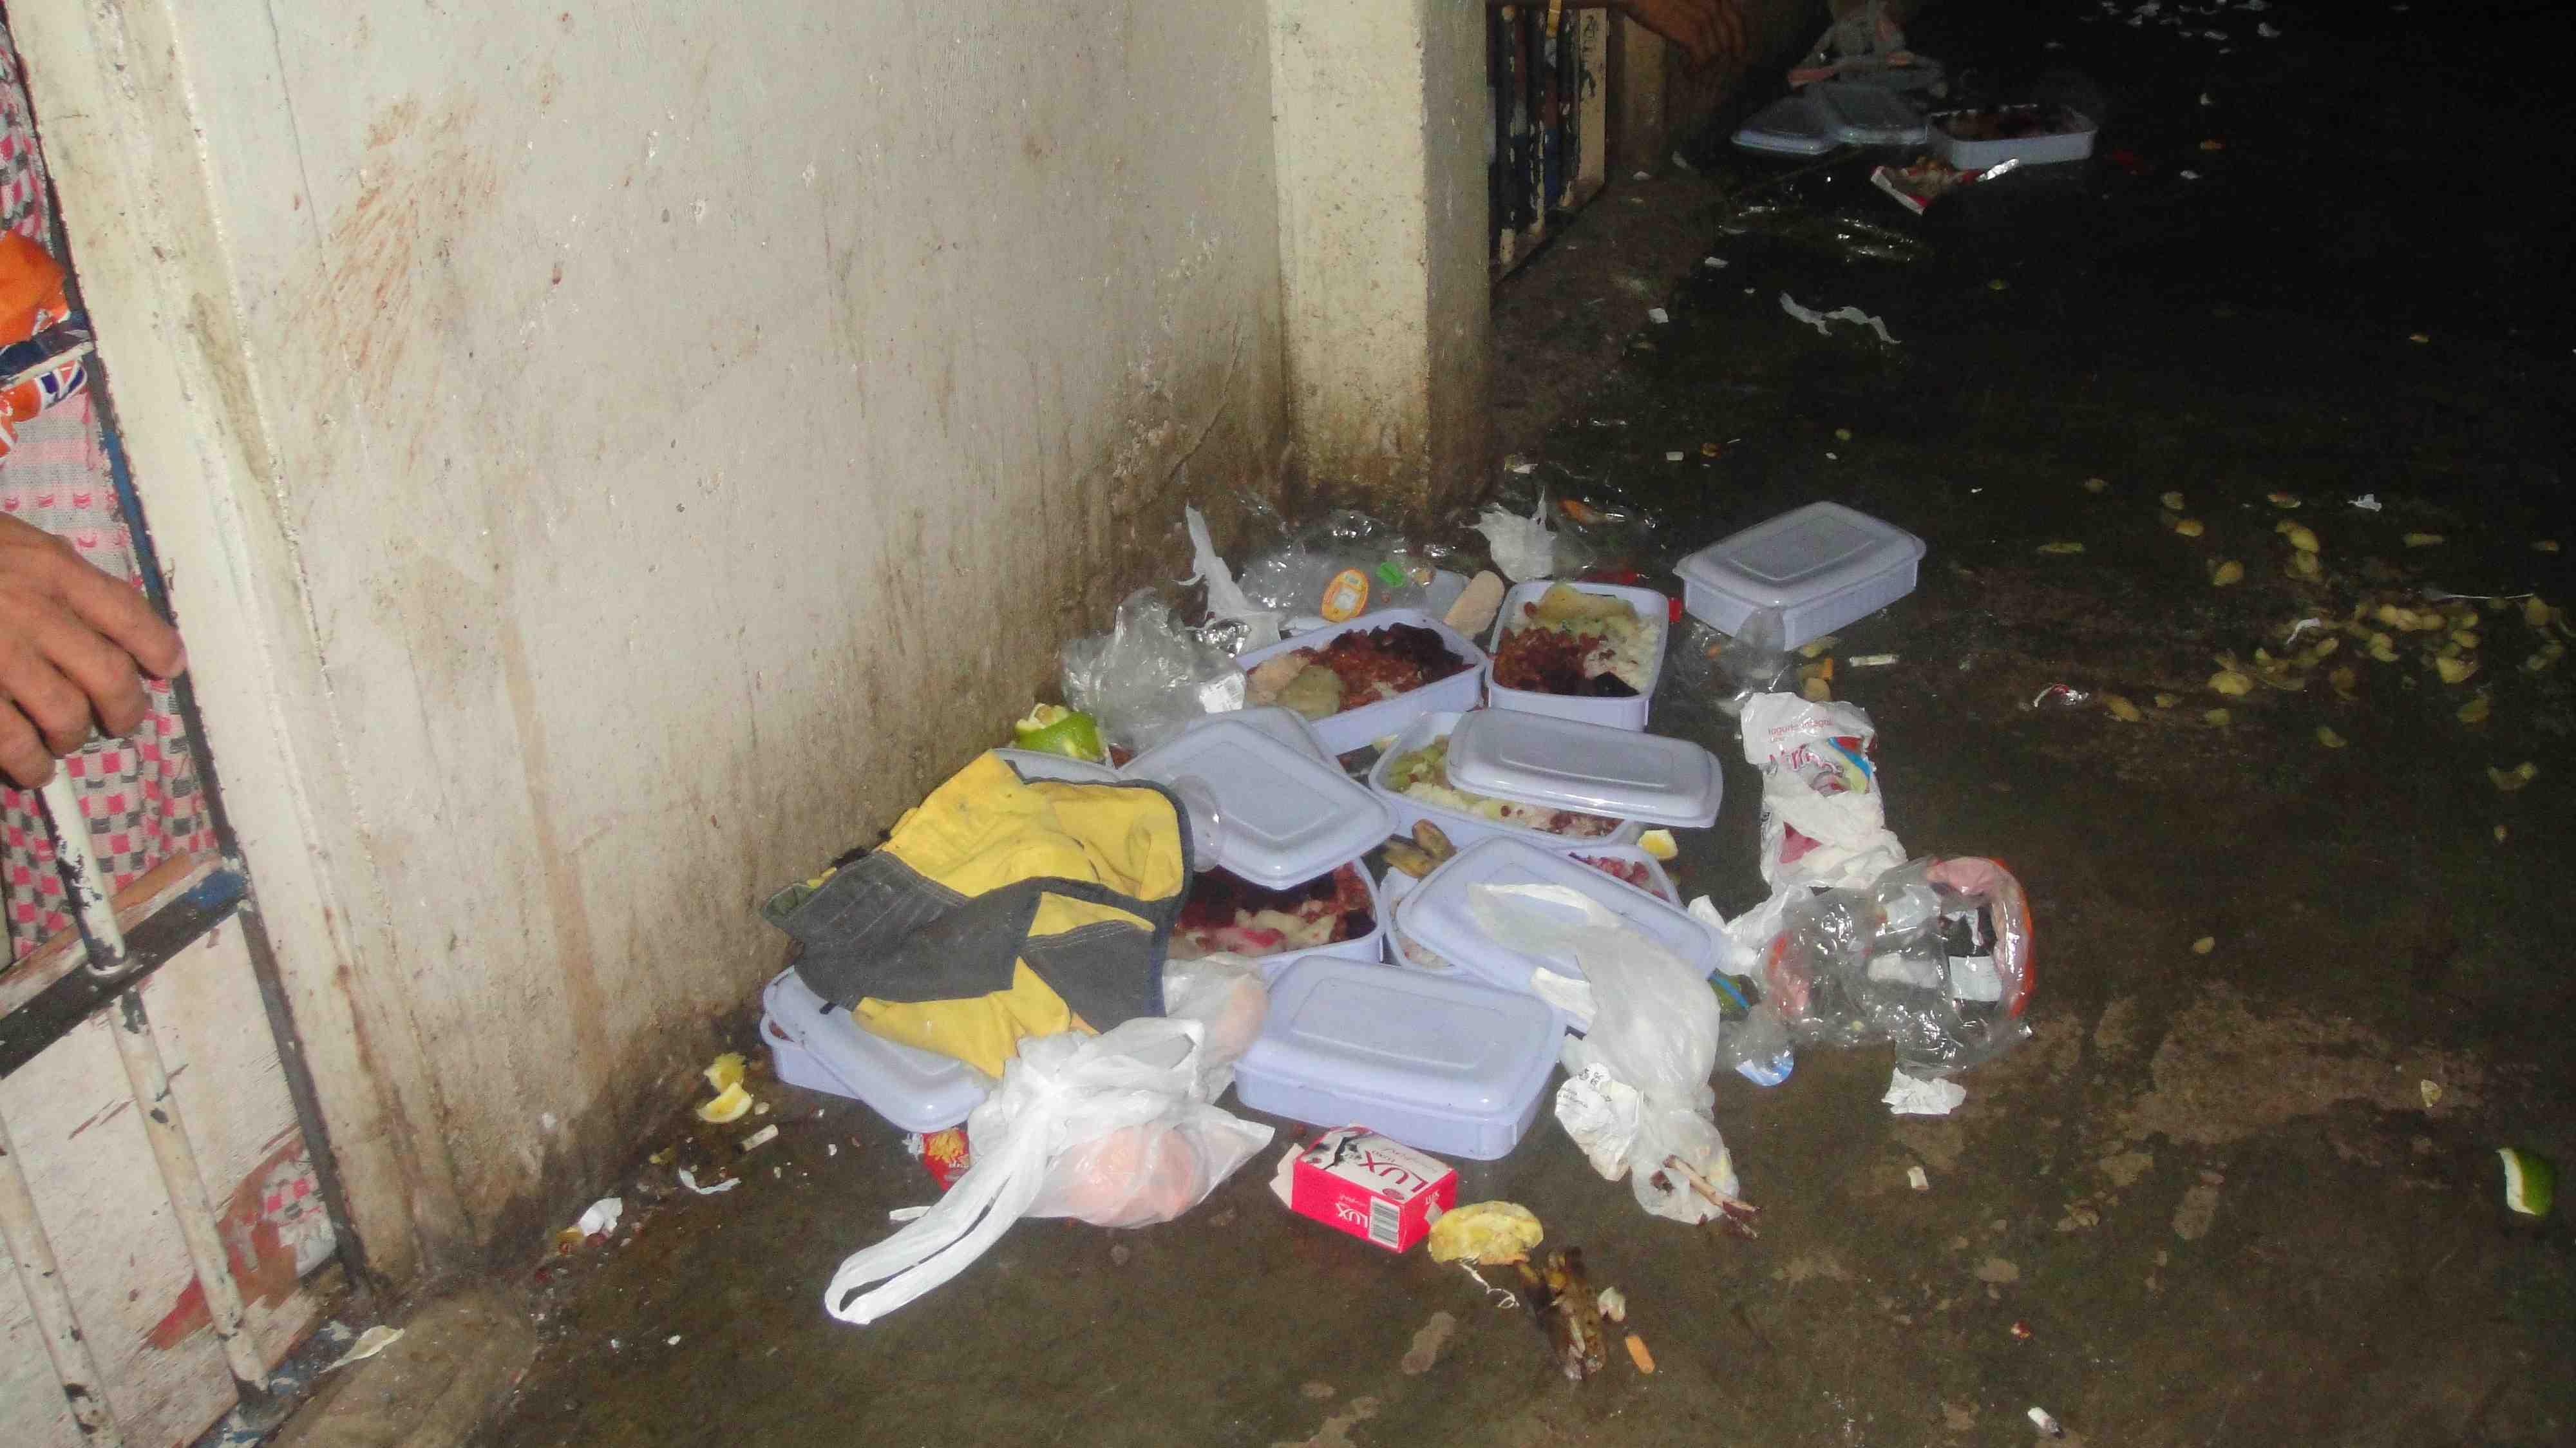 Comida servida em embalagens inapropiadas. Estragadas ou insuficiente.